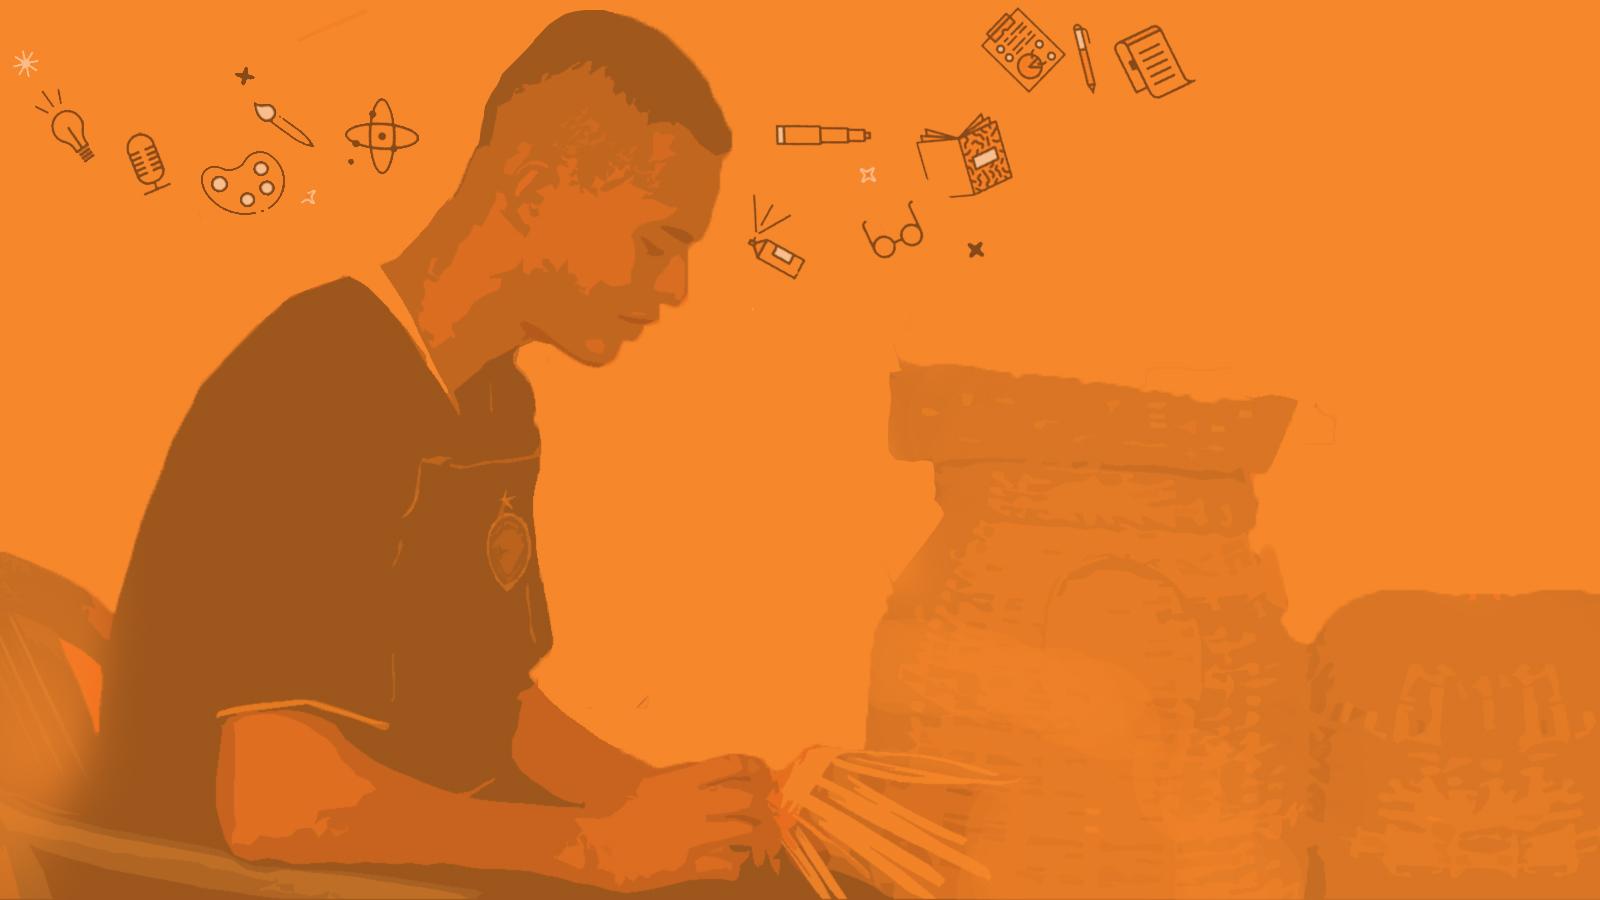 reportajes/enfoque_nacional/como-pinta-para-las-regiones-la-famosa-economia-naranja